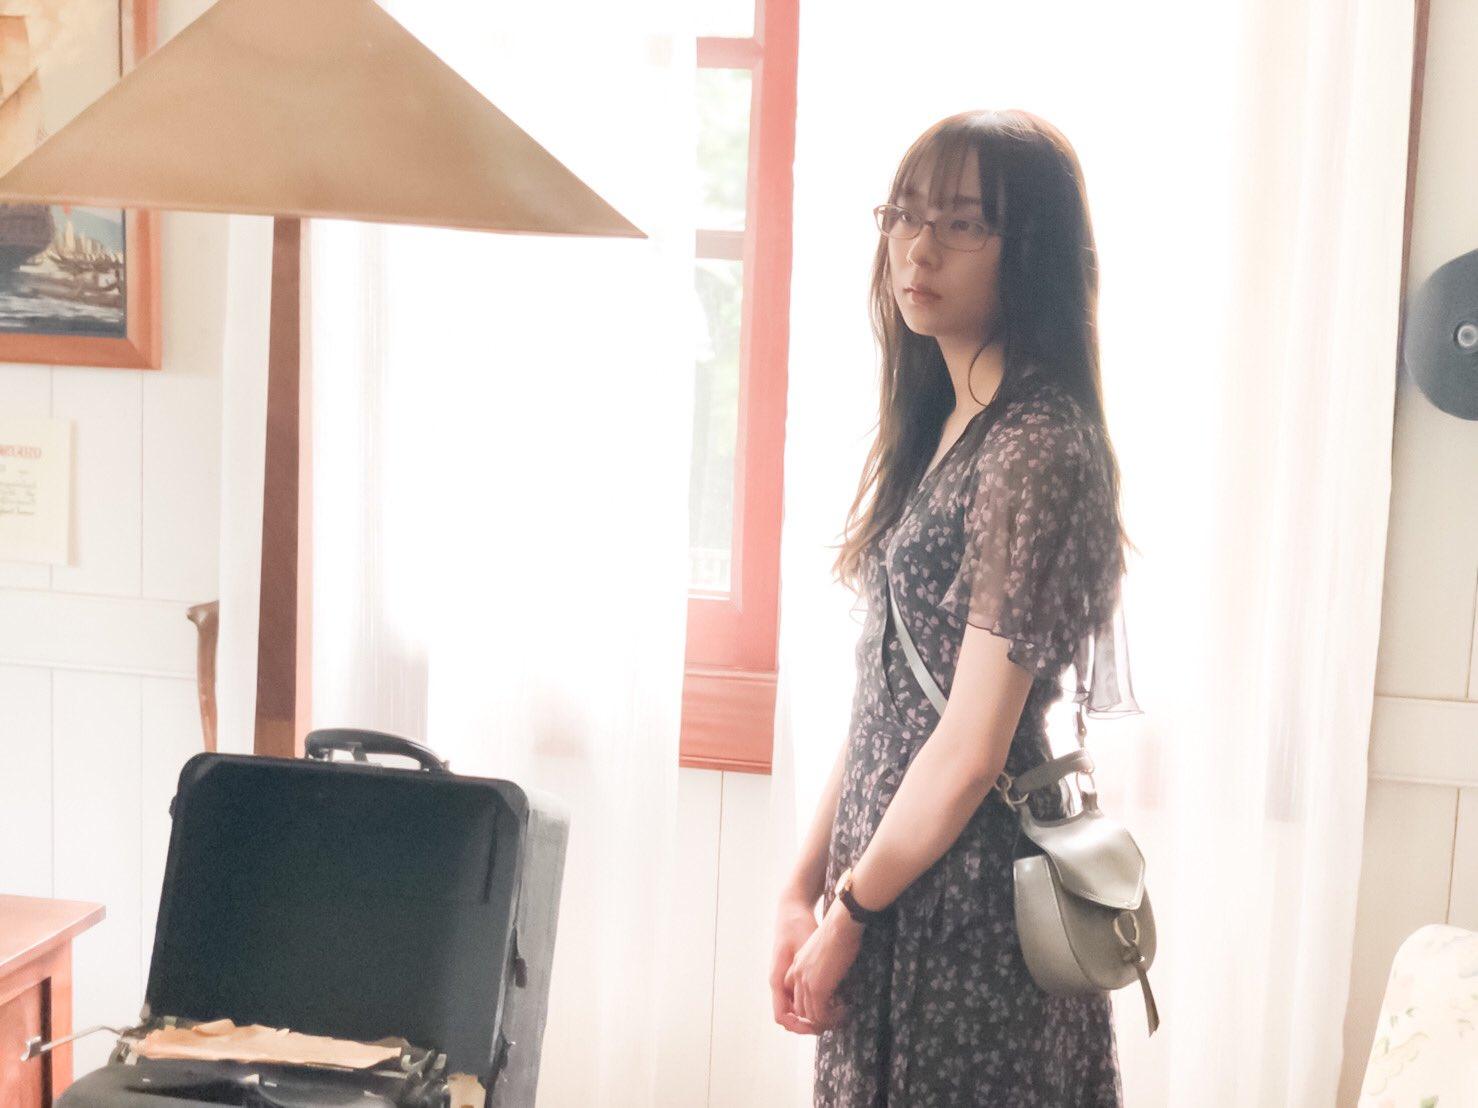 鈴木絢音1st写真集 眼鏡な絢音さん